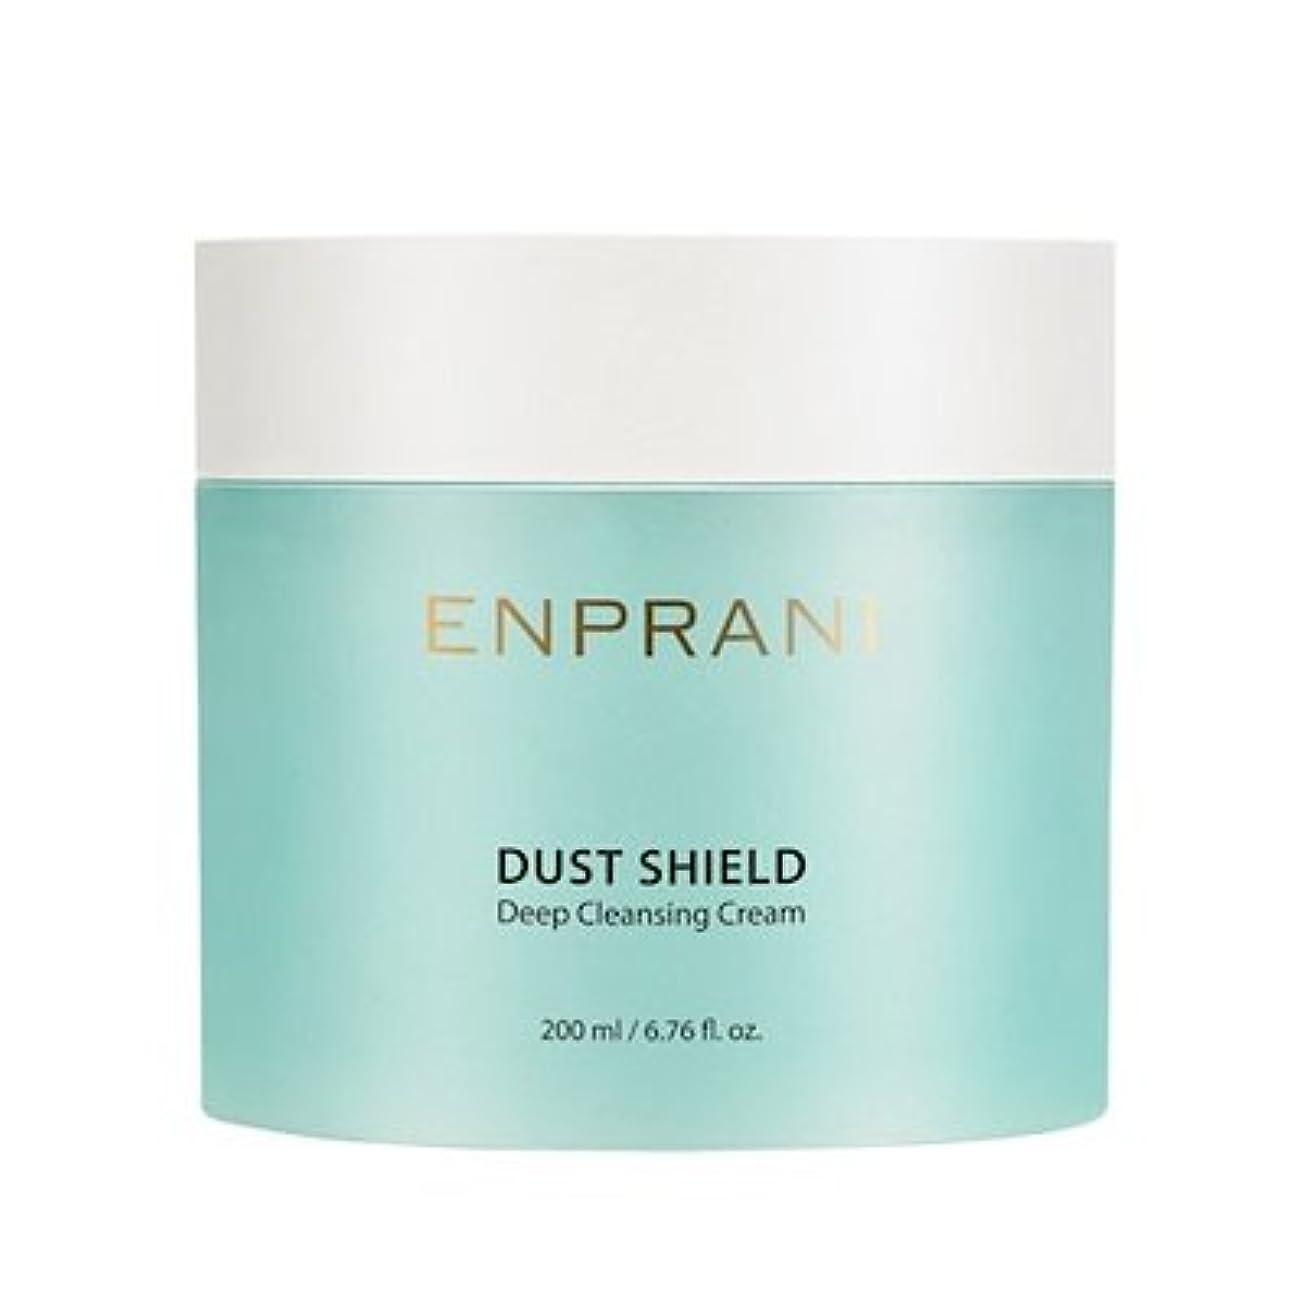 核スペード錫ENPRANI Dust Shield Deep Cleansing Cream エンプラニ ダストシールドディープクレンジングクリーム200ml [並行輸入品]